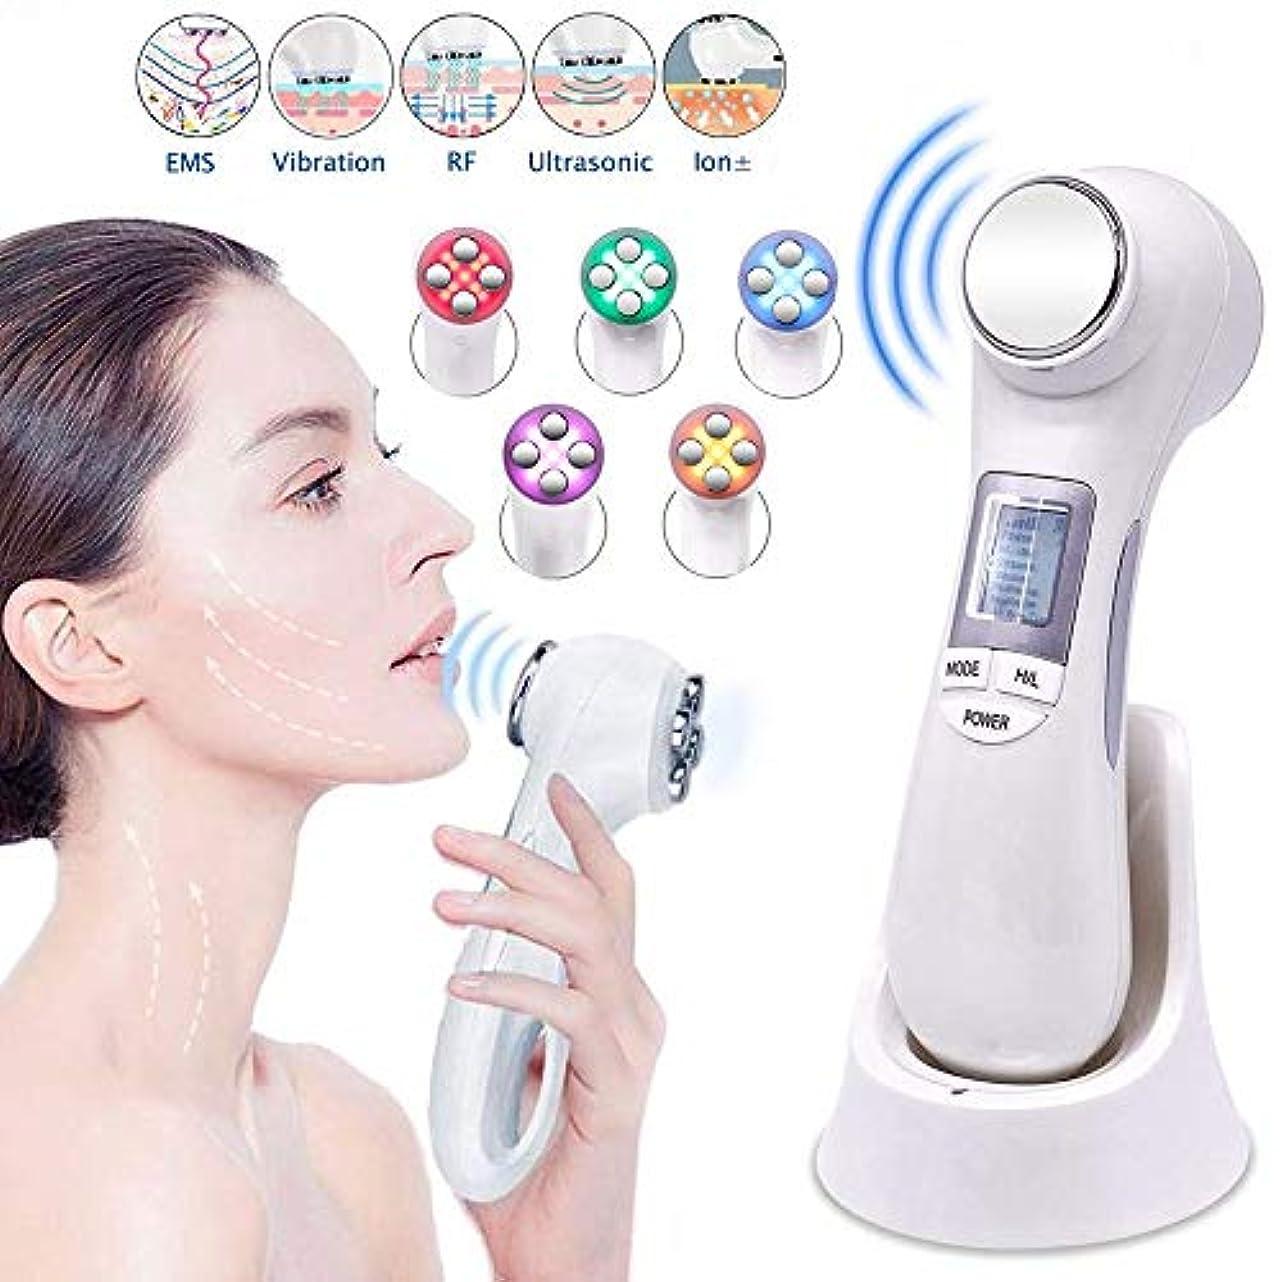 貢献するリーン忠実スキンケアのための5つの色LEDライト療法が付いている1つの高い出現の顔の持ち上がる機械EMS RFメッセージに付き機械6つをきつく締めること